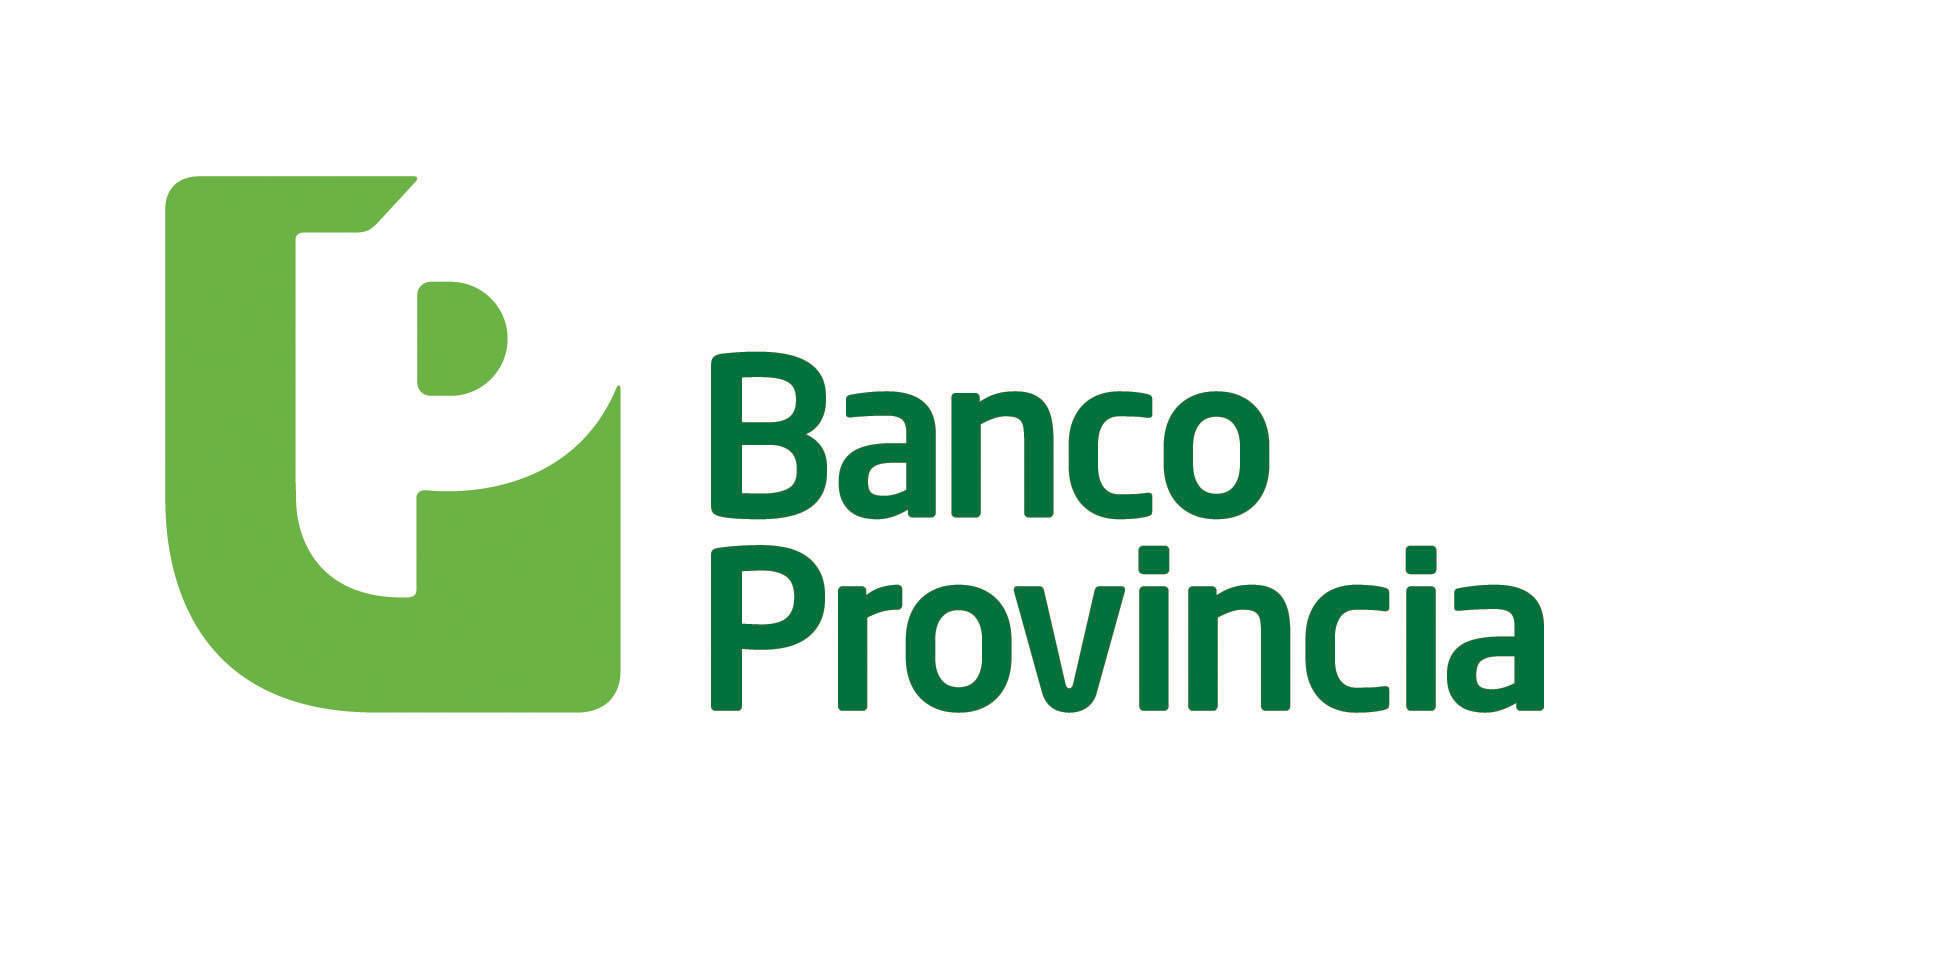 Banco_Provincia